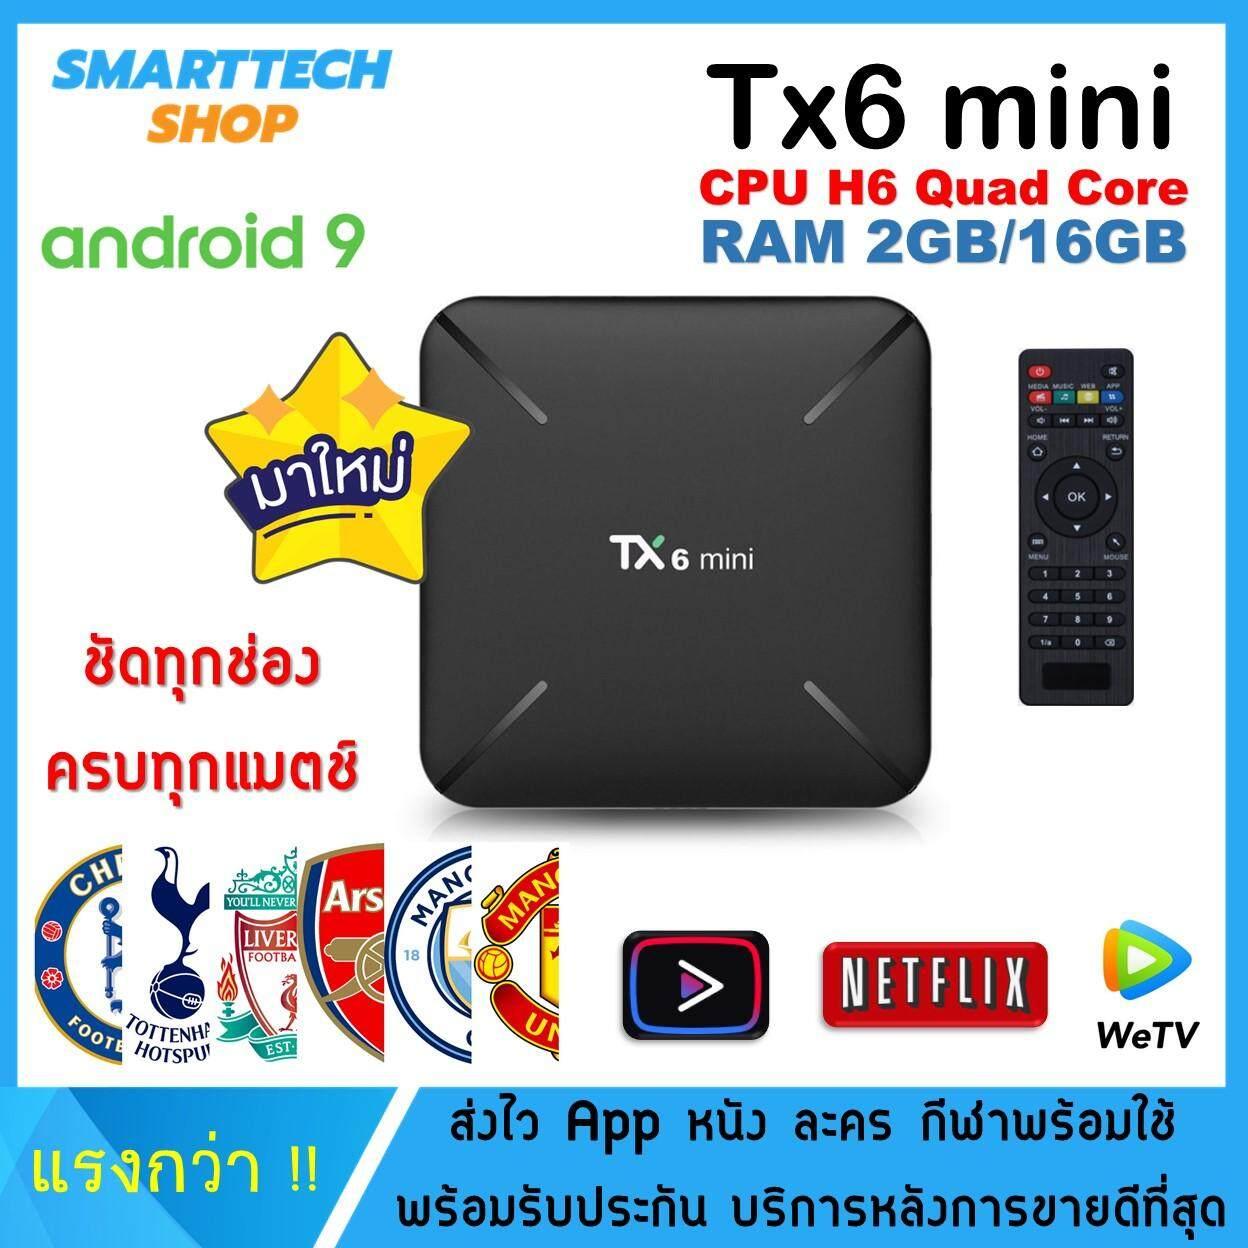 สุราษฎร์ธานี กล่อง Android box Tx6 mini มาใหม่ รุ่นเล็ก เสปคแรงสุด แรม2GB  รอม16GB Wifi2.4 มาแทน X96mini และ Tx3Mini